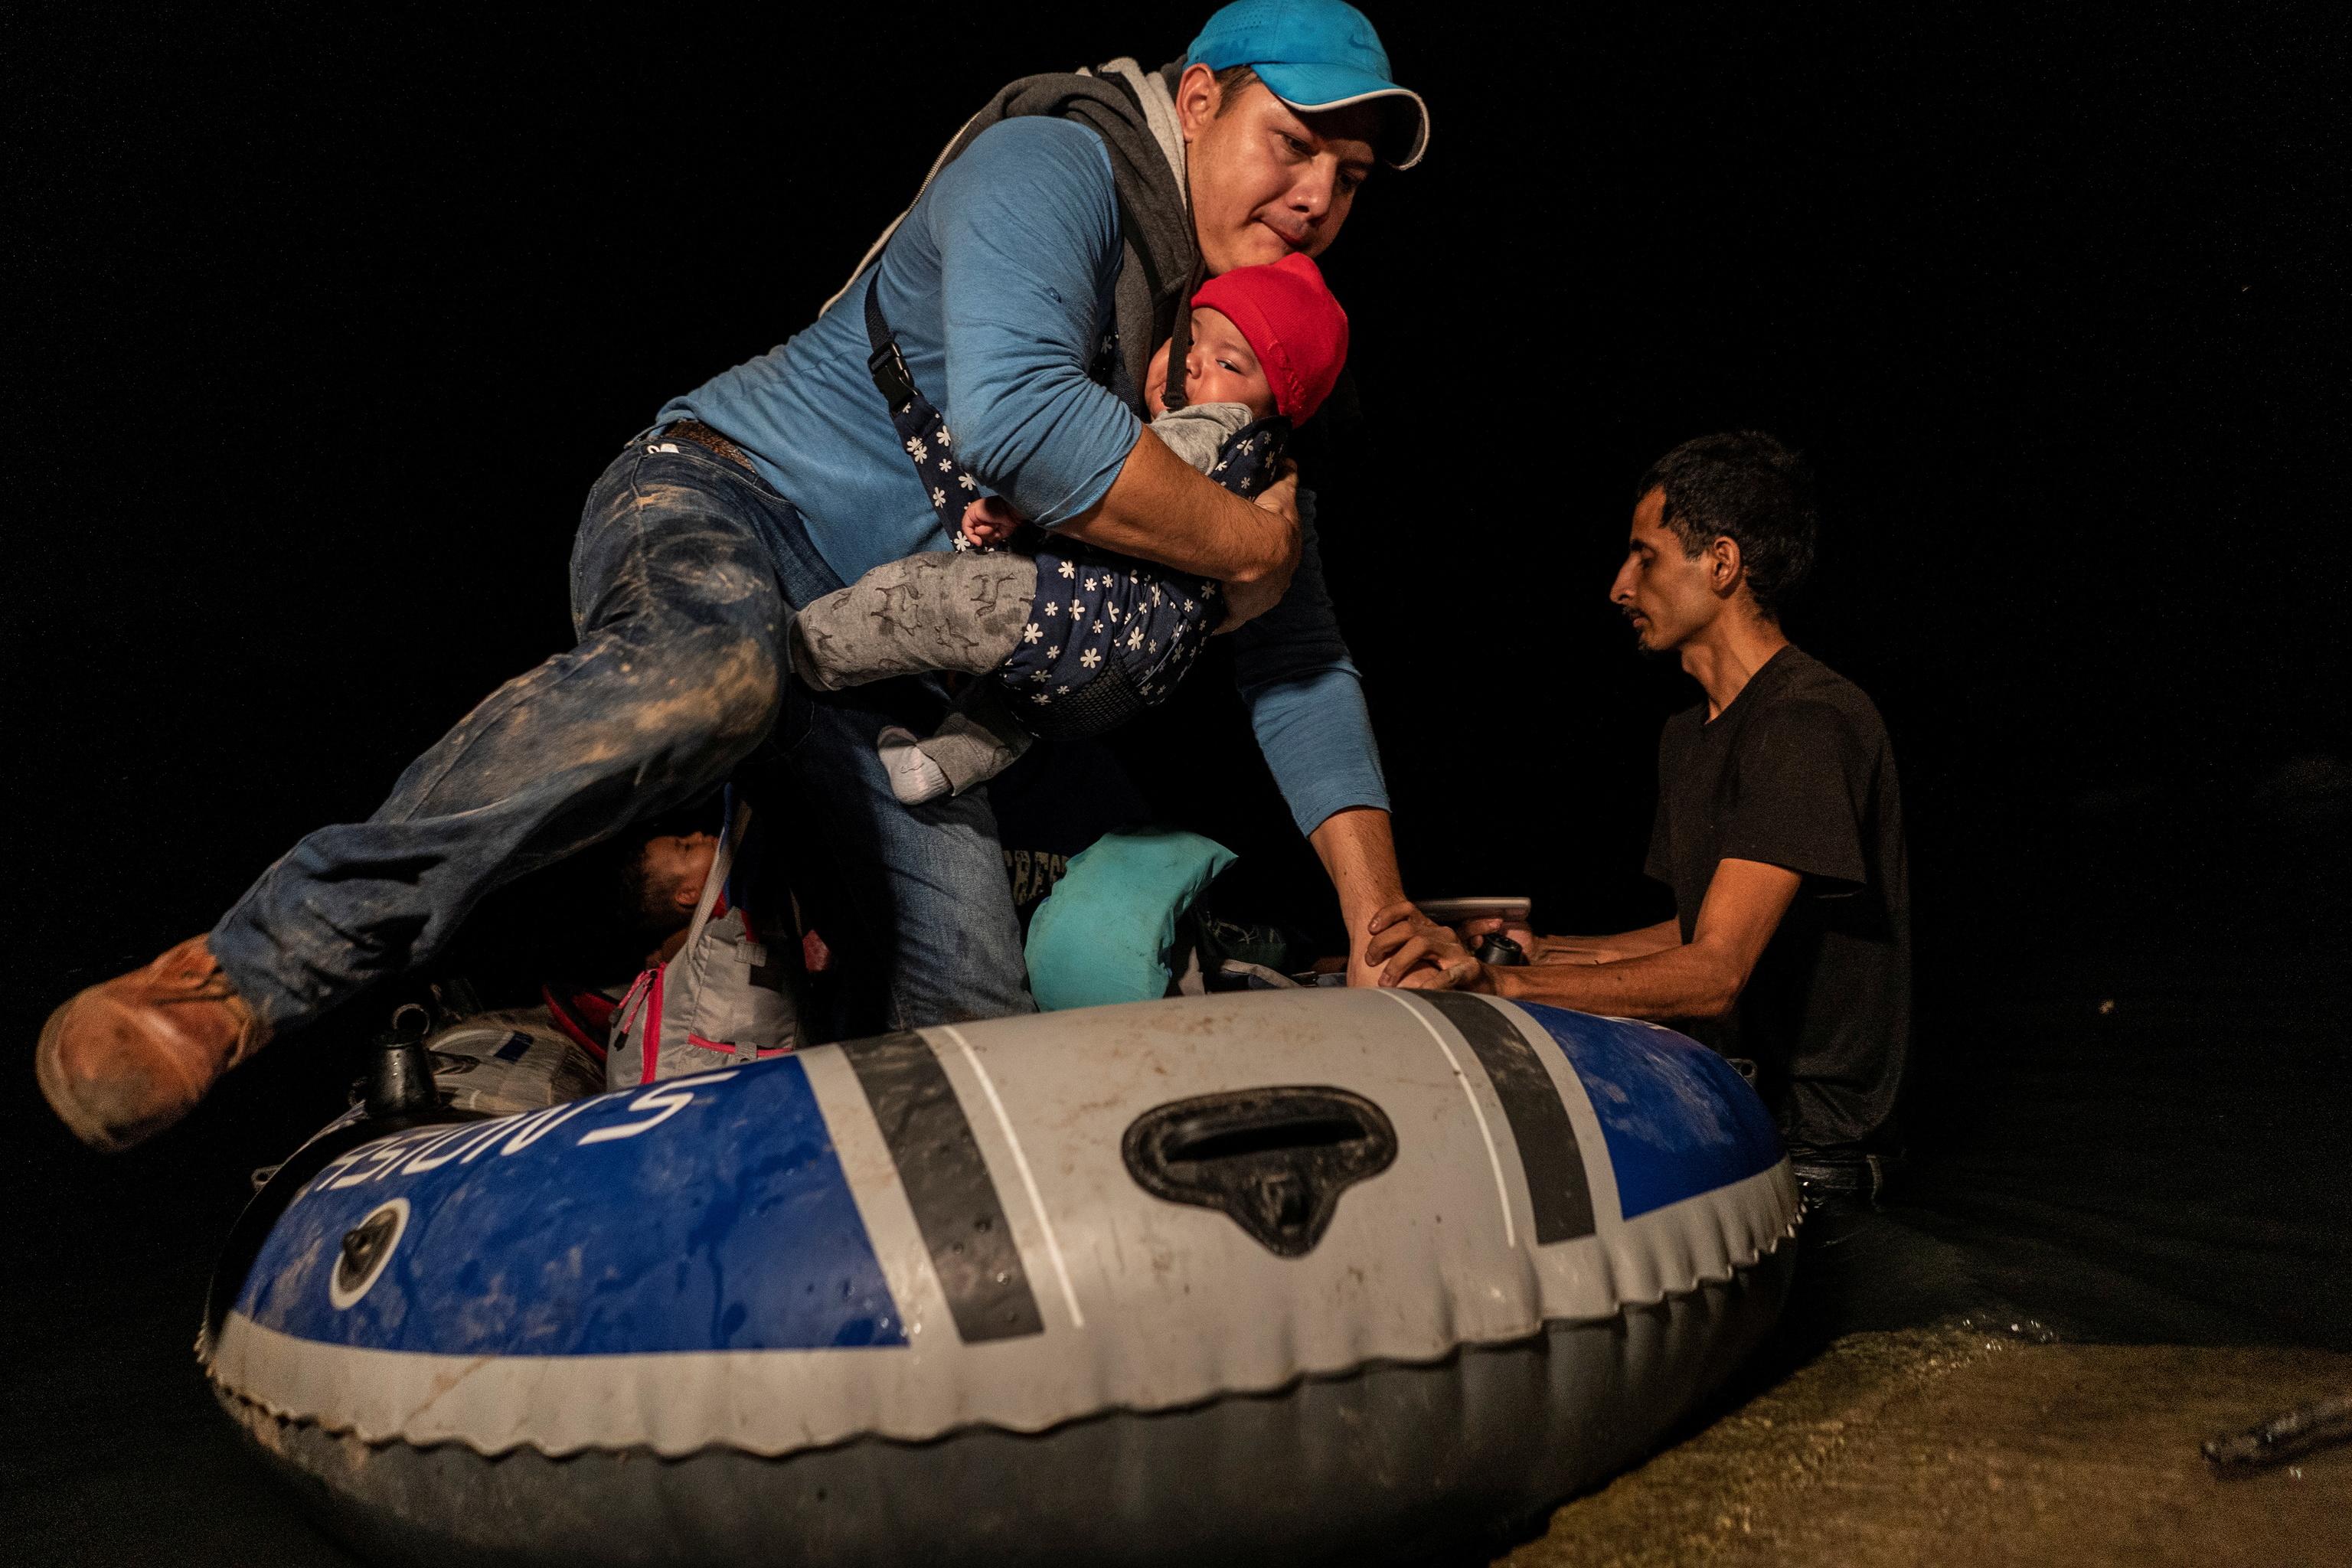 Una familia de migrantes cruza Rio Grande para llegar a EEUU.